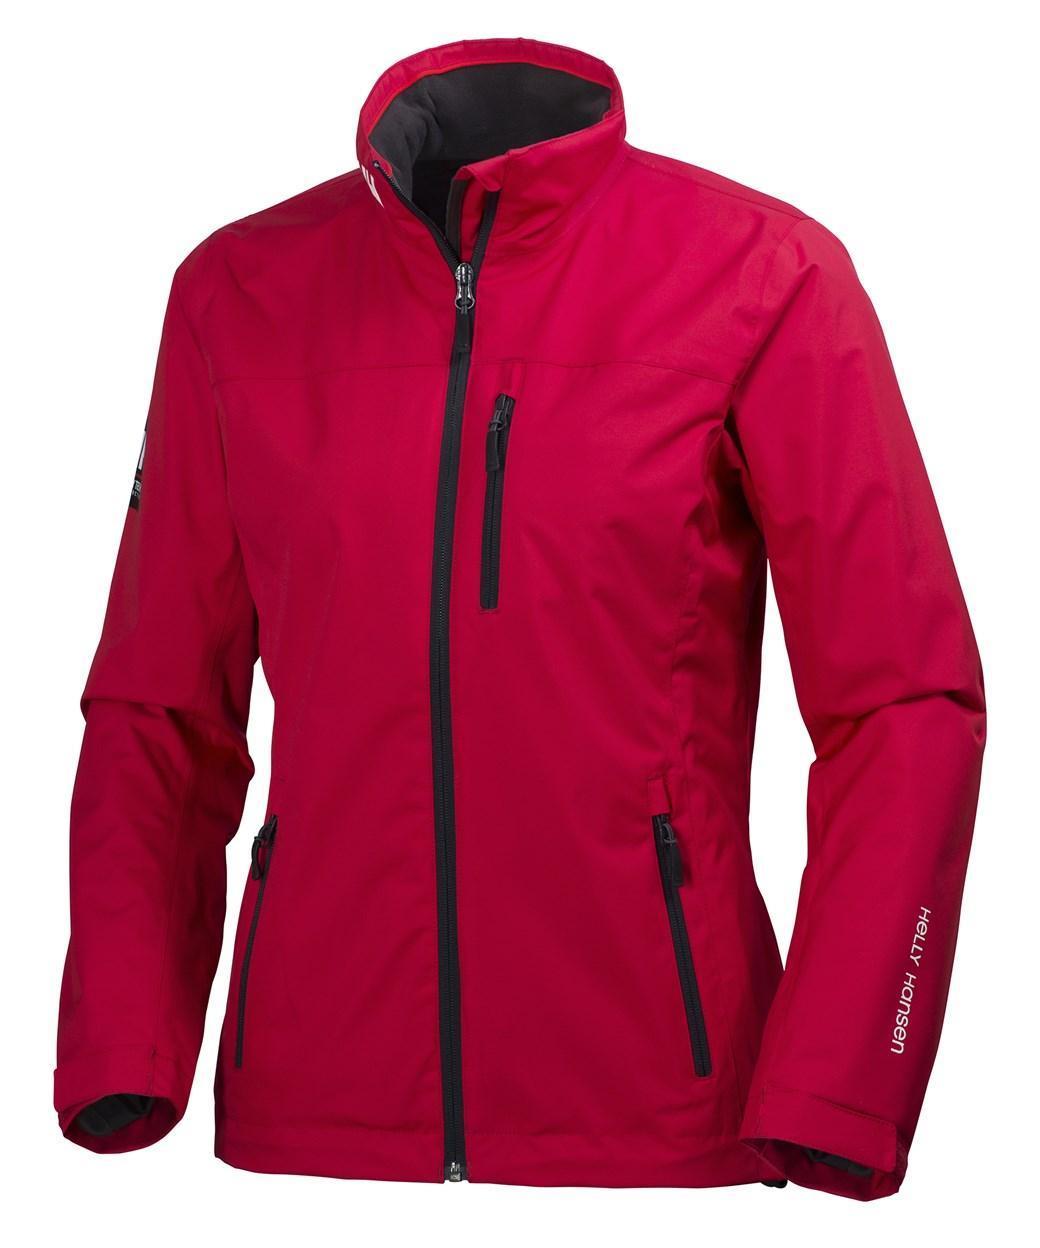 Halley Hansen HH W Crew Mıdlayer Jacket